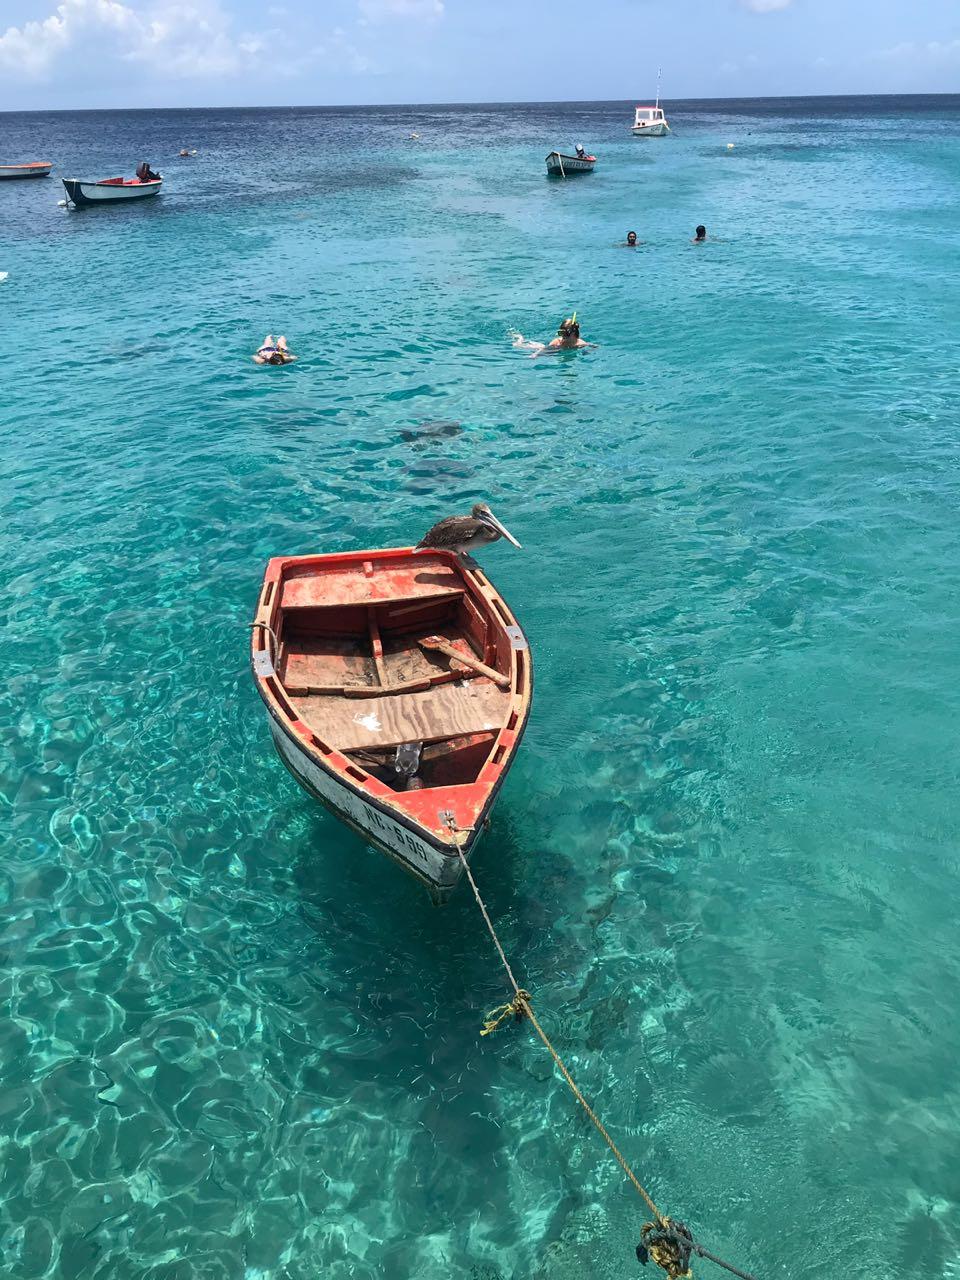 Les vacances une nécessité, pour les enfants et les adultes